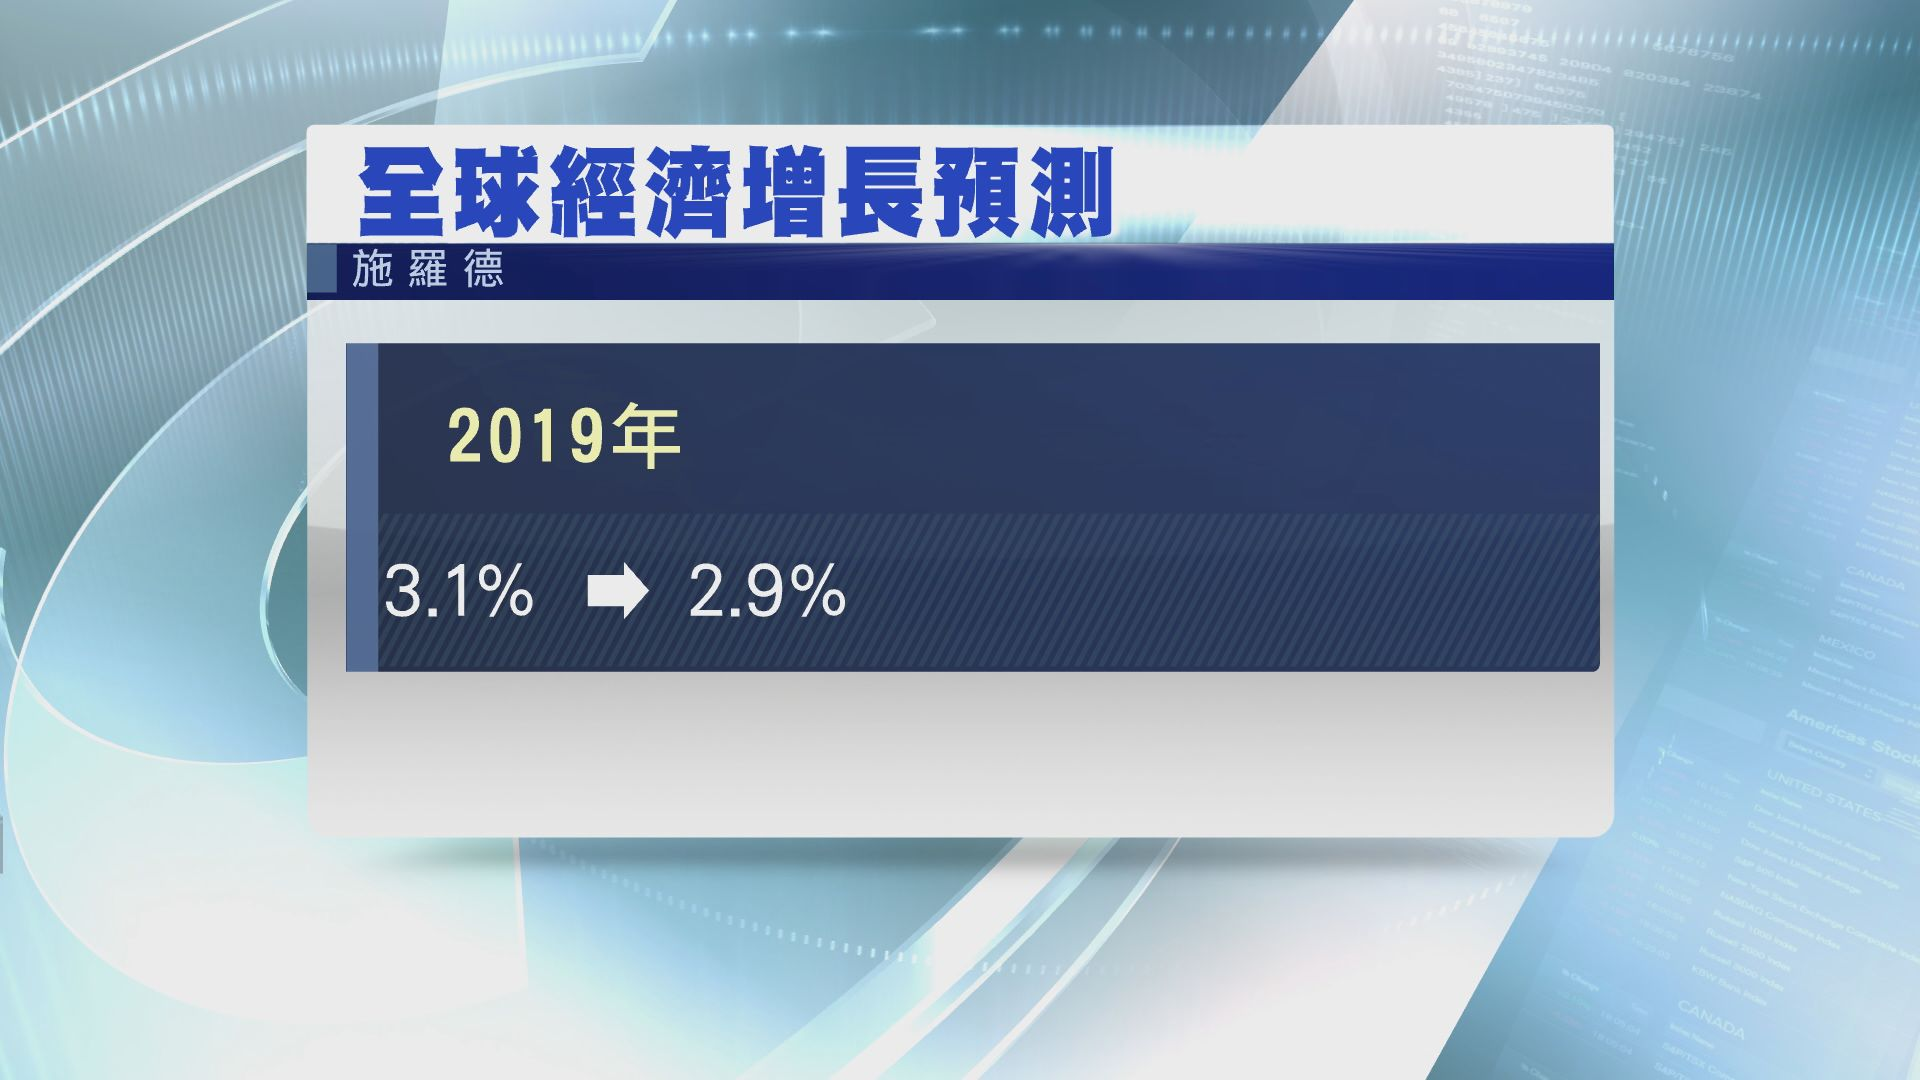 【出年點睇?】施羅德降環球經濟增長預測至2.9%